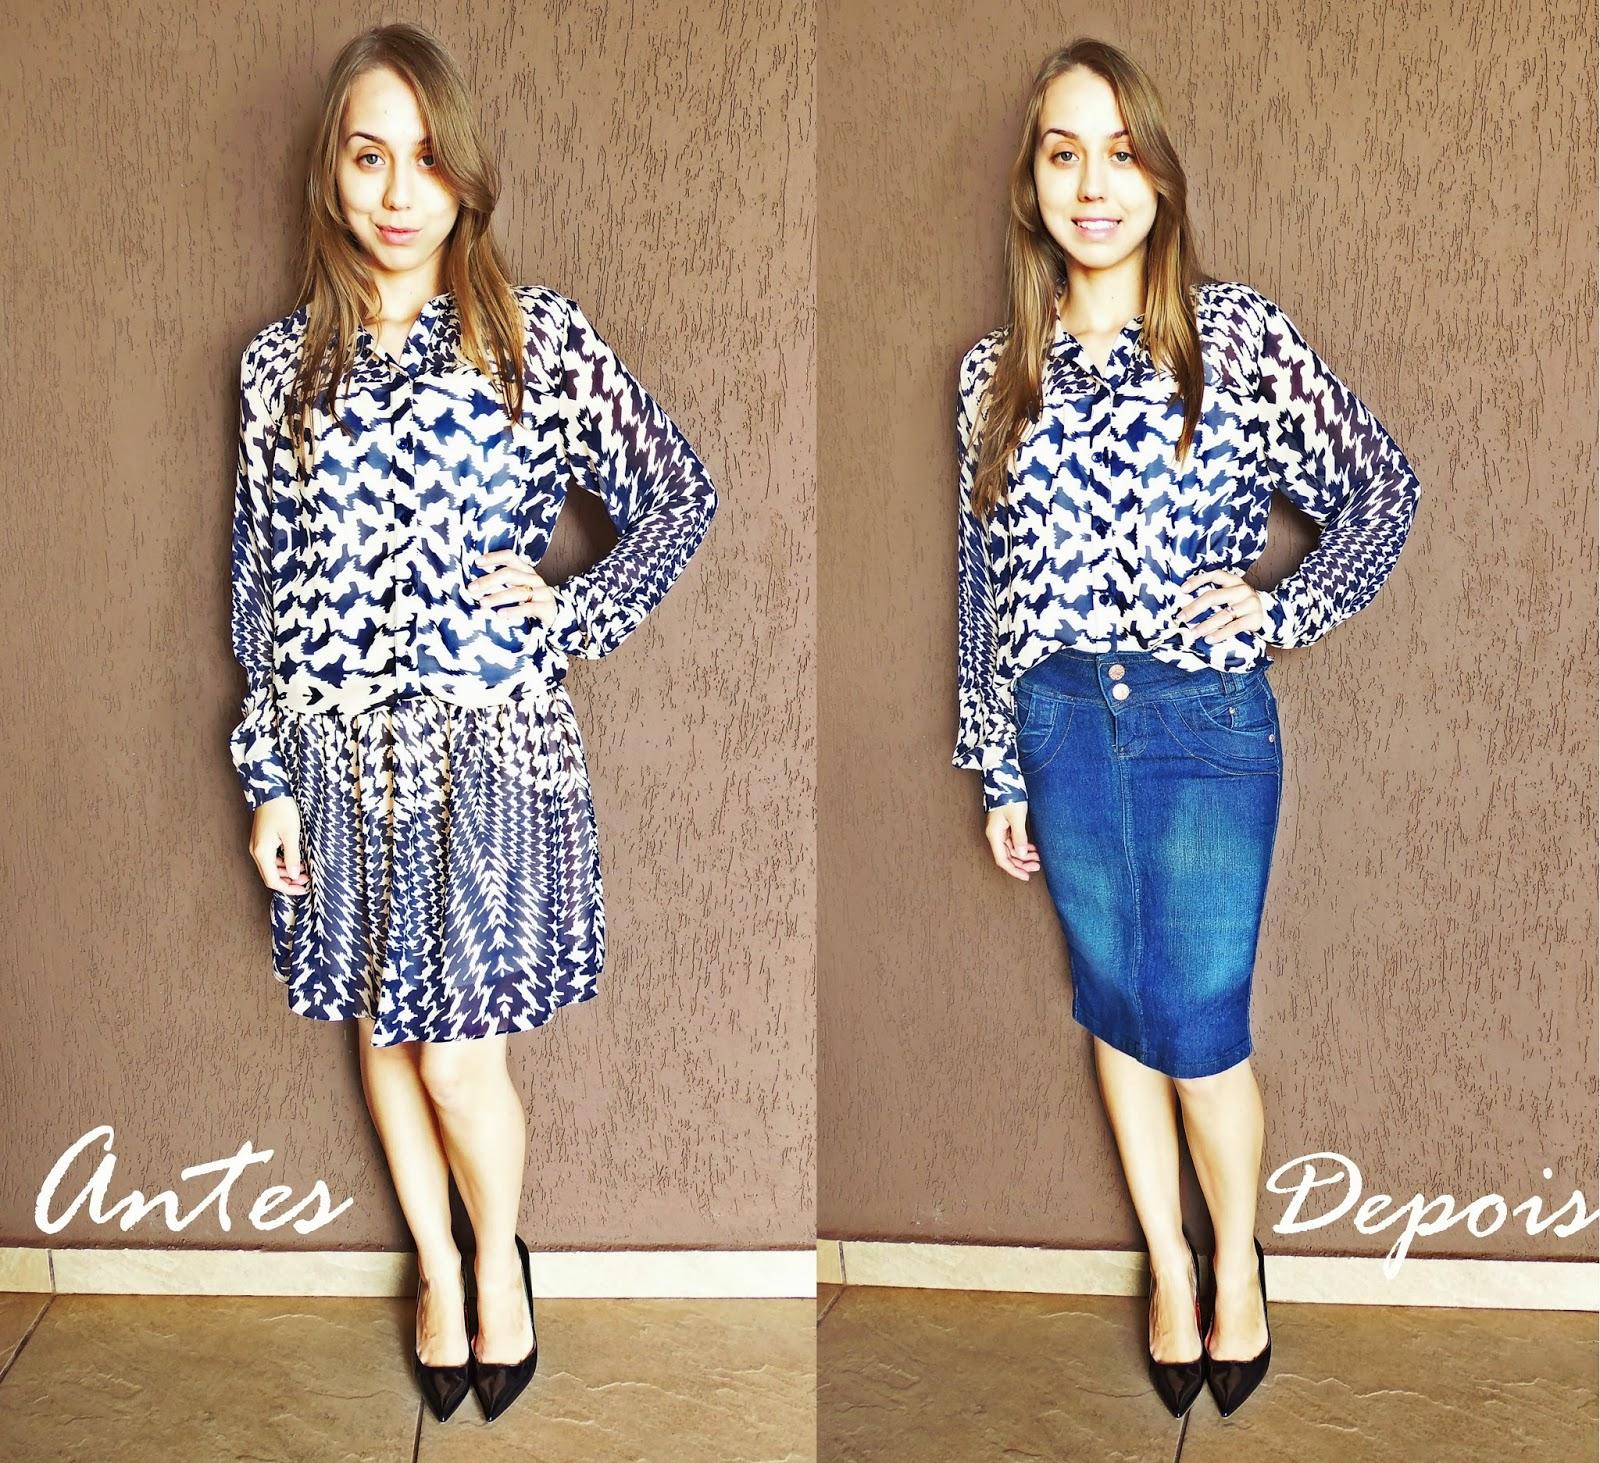 Customizando/reformando as roupas Miss Sainha Blog de moda para  #31689A 1600x1463